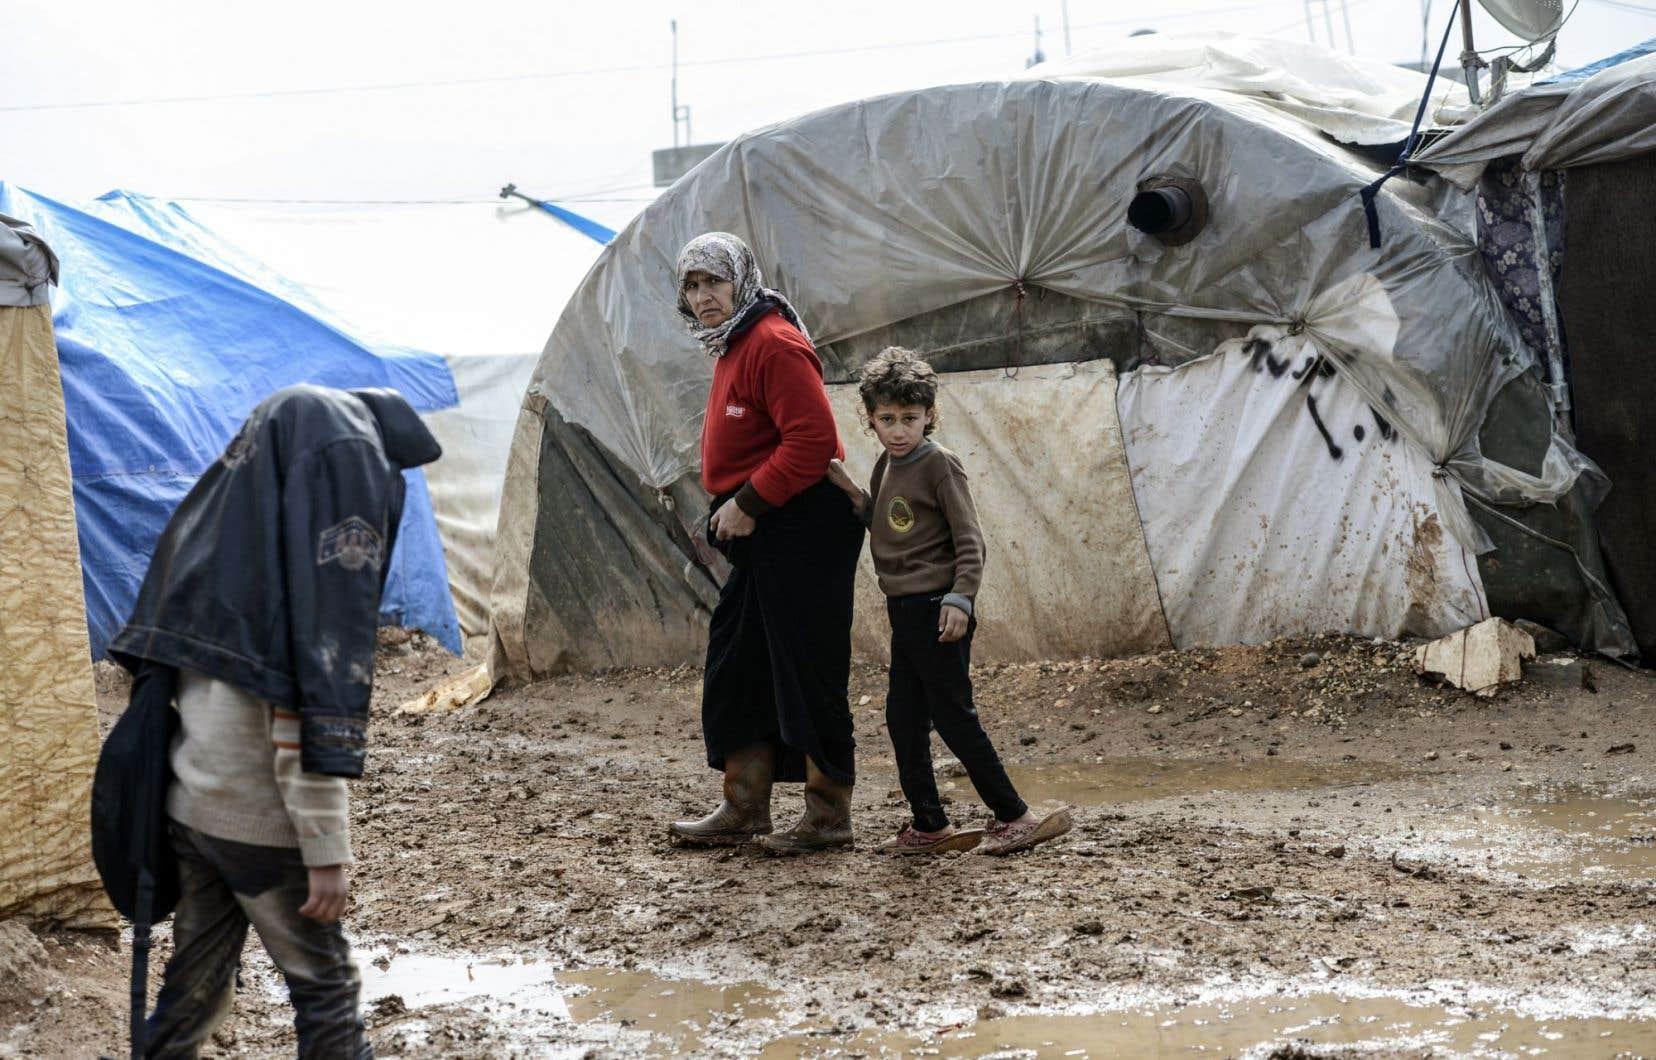 Des Syriens ayant fui Alep dans un camp de Bab al-Salama, au nord de la Syrie, près de la frontière avec la Turquie